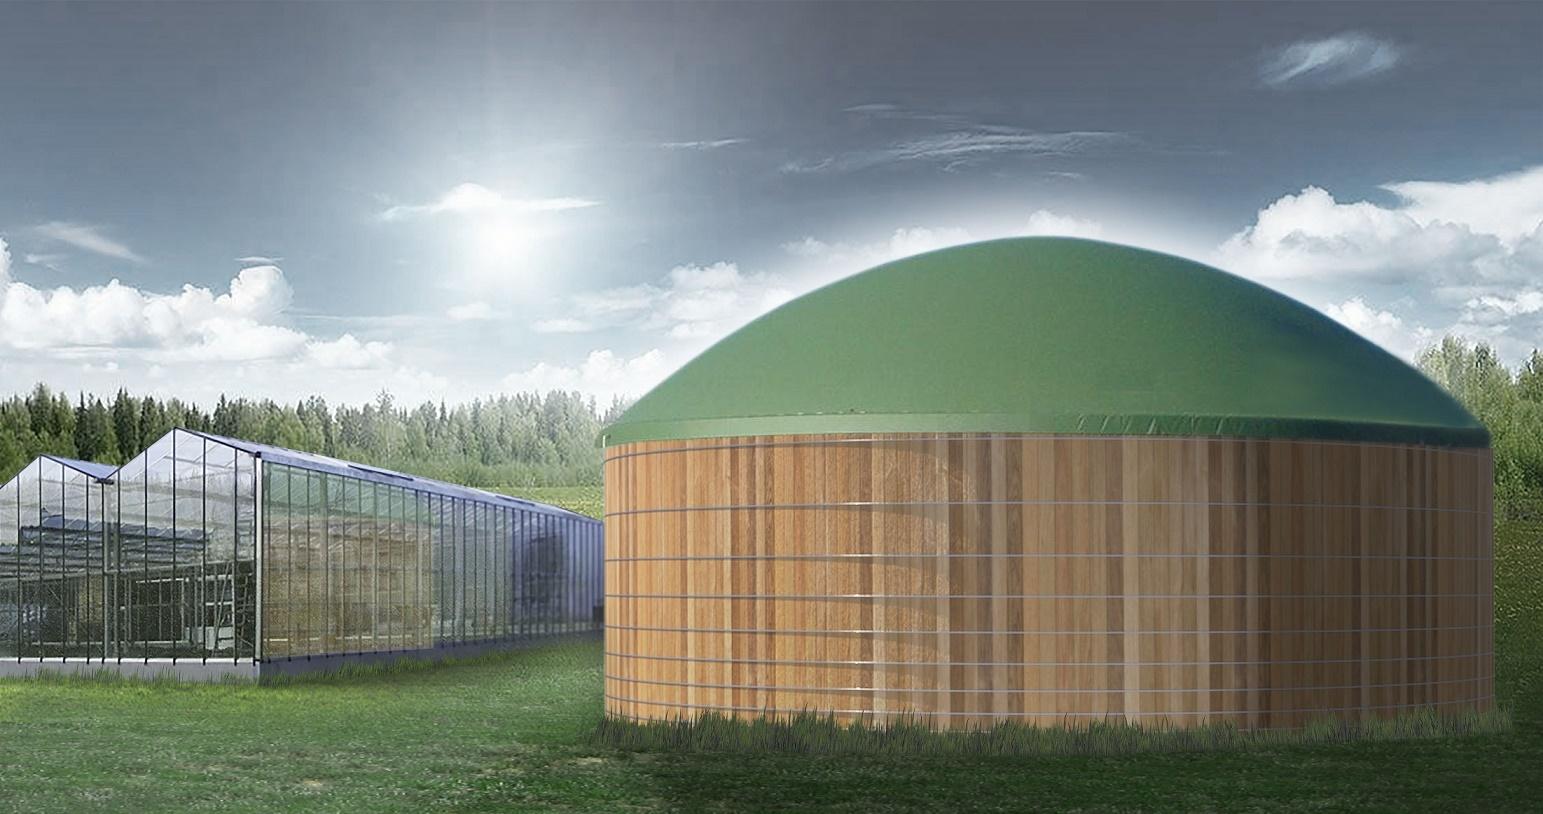 impianto_stoccaggio_gas_holzbau_brugger_wiefferink_group